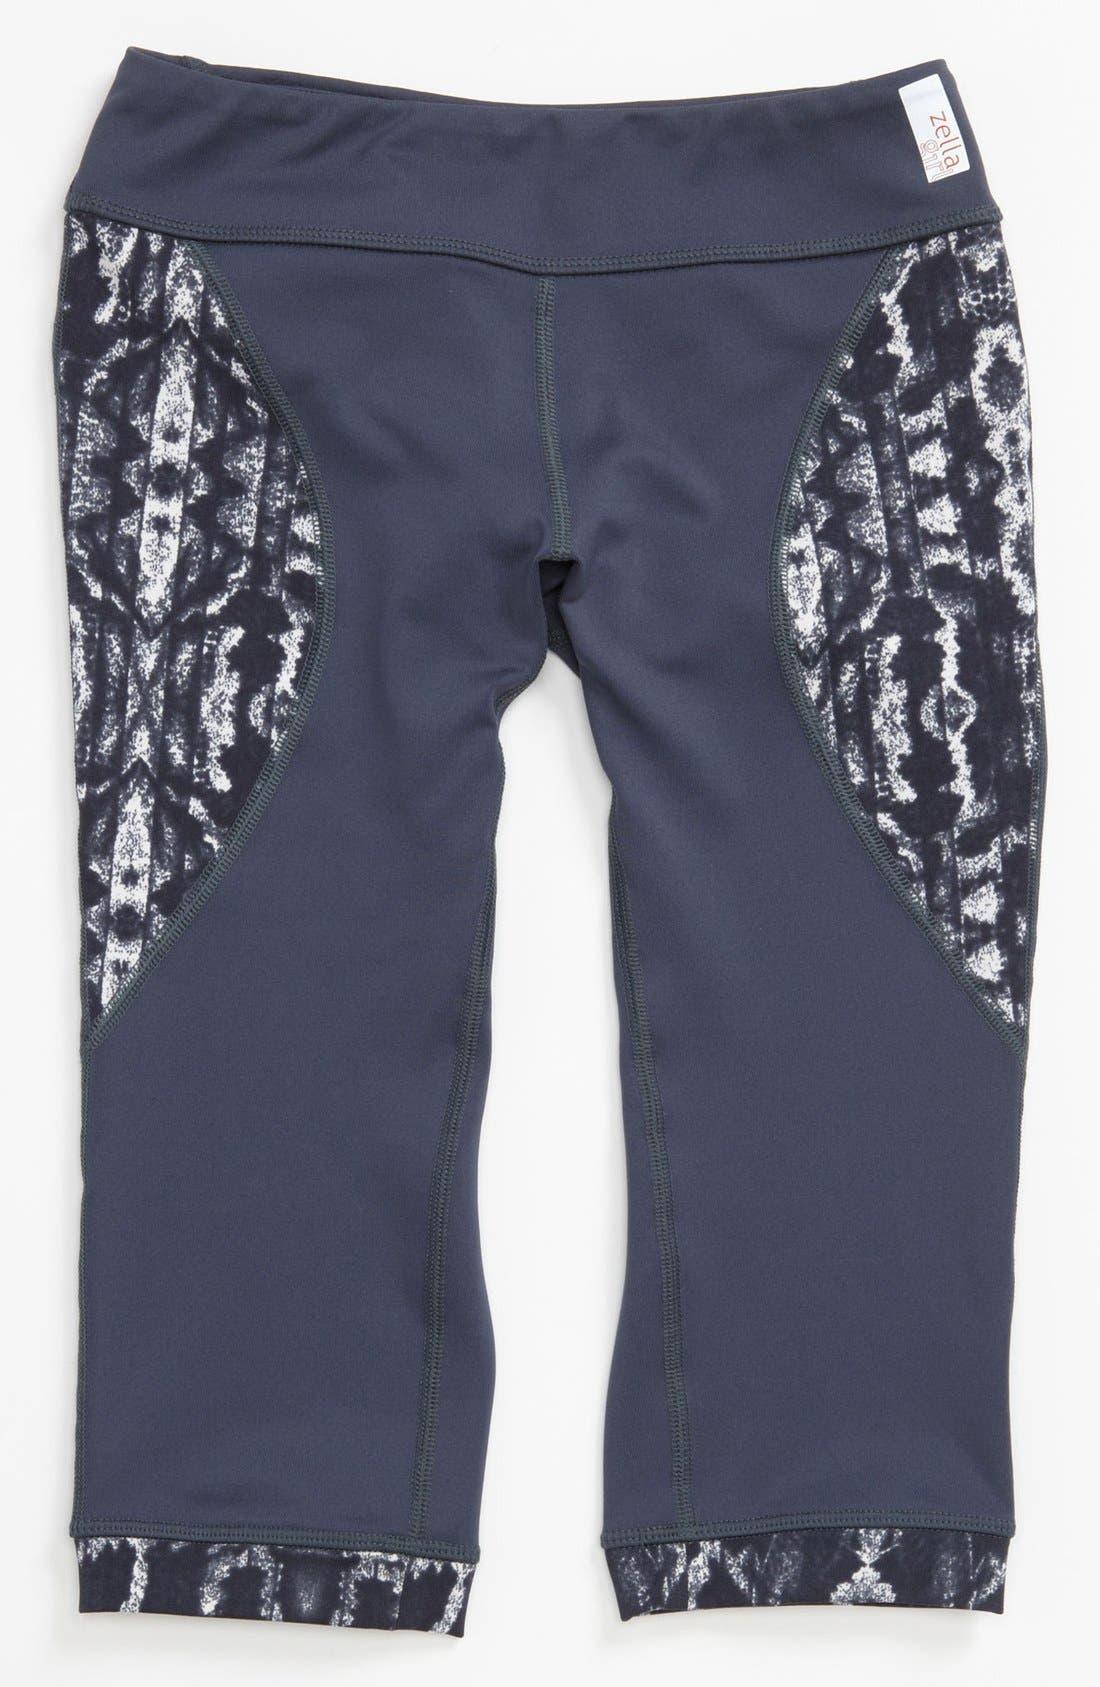 Alternate Image 1 Selected - Zella Girl 'Sprinter' Capri Pants (Little Girls & Big Girls)